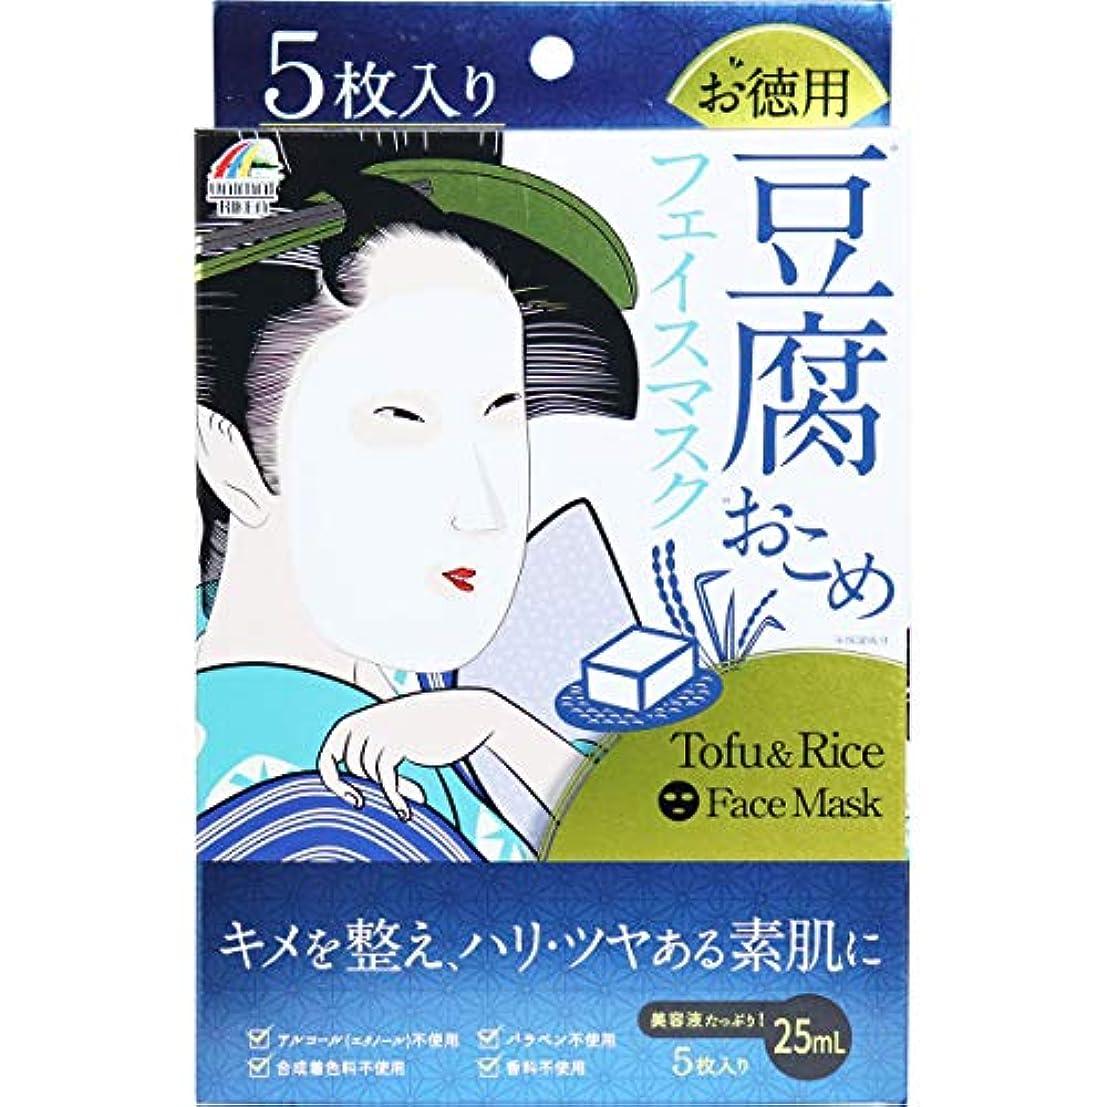 なだめる教育学れんがユニマットリケン 豆腐おこめフェイスマスク 5枚入り